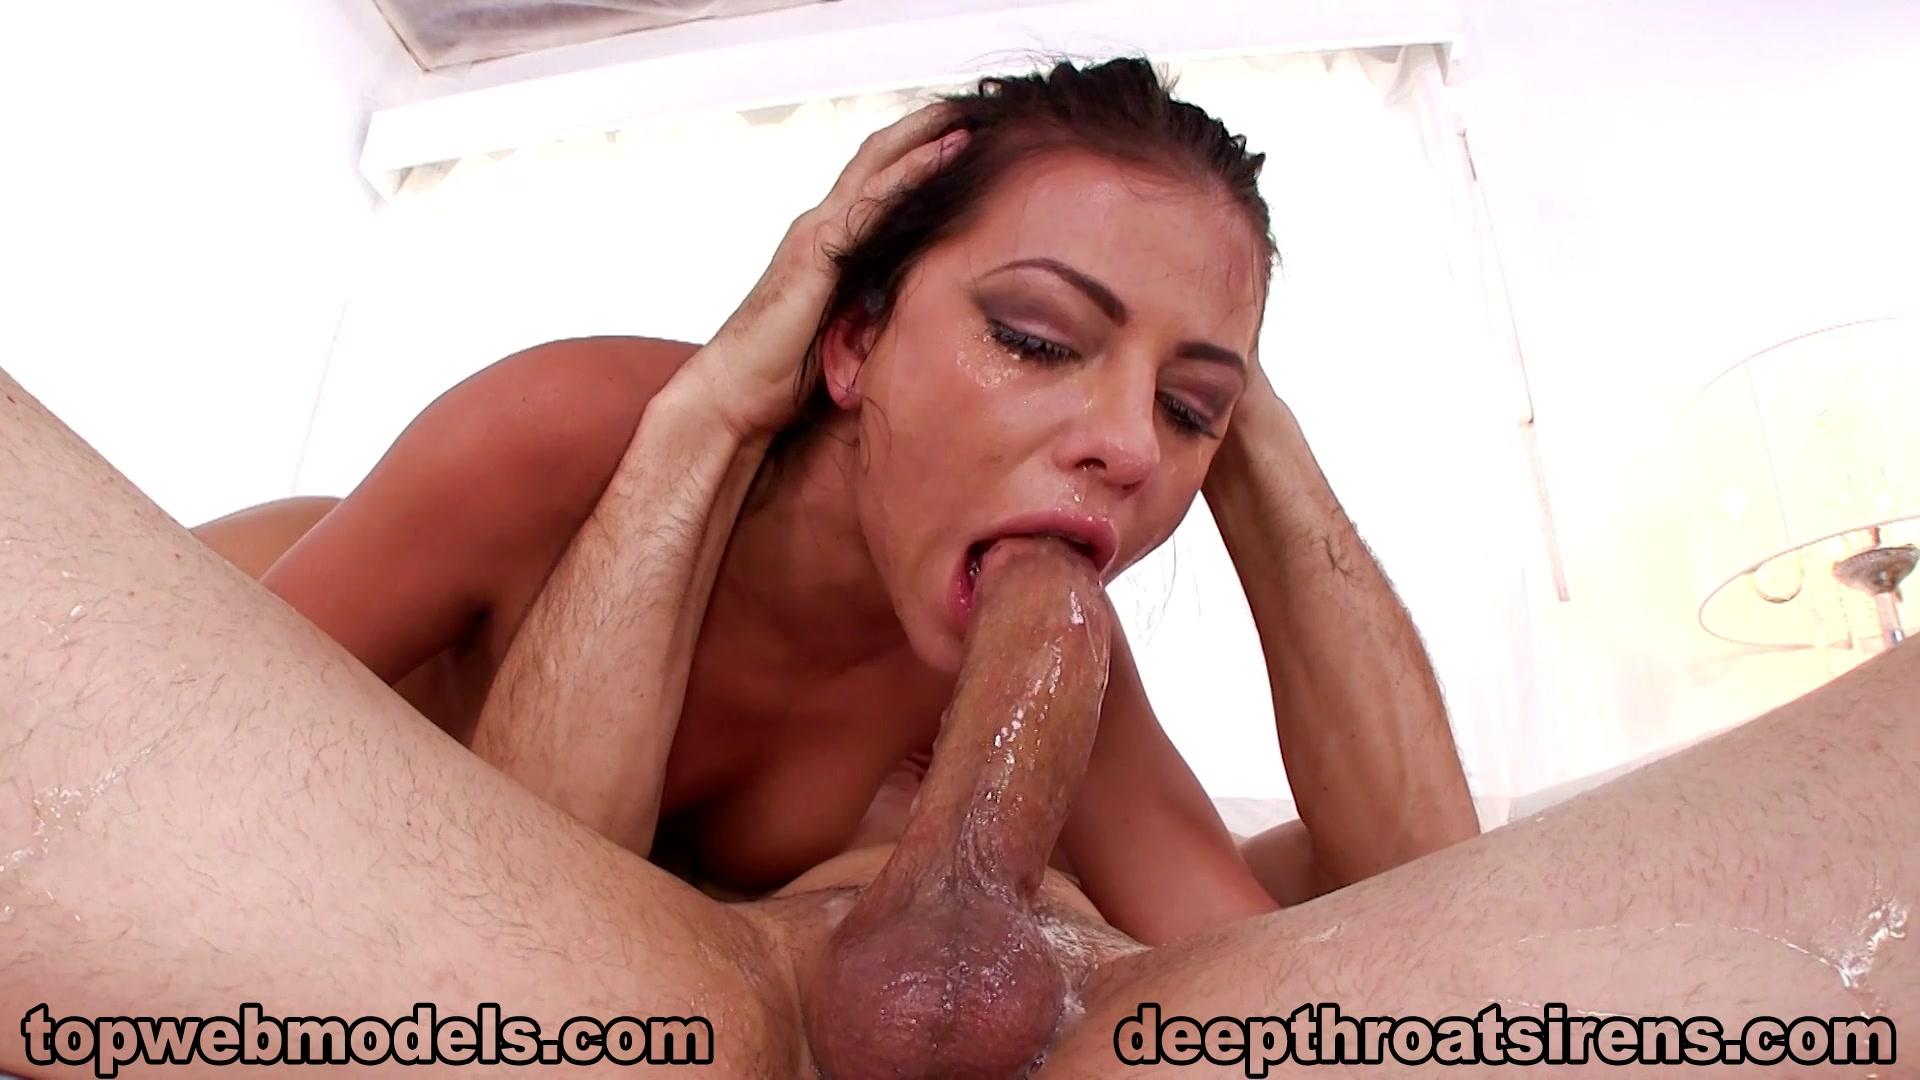 Порно онлайн девушек за деньги 8 фотография